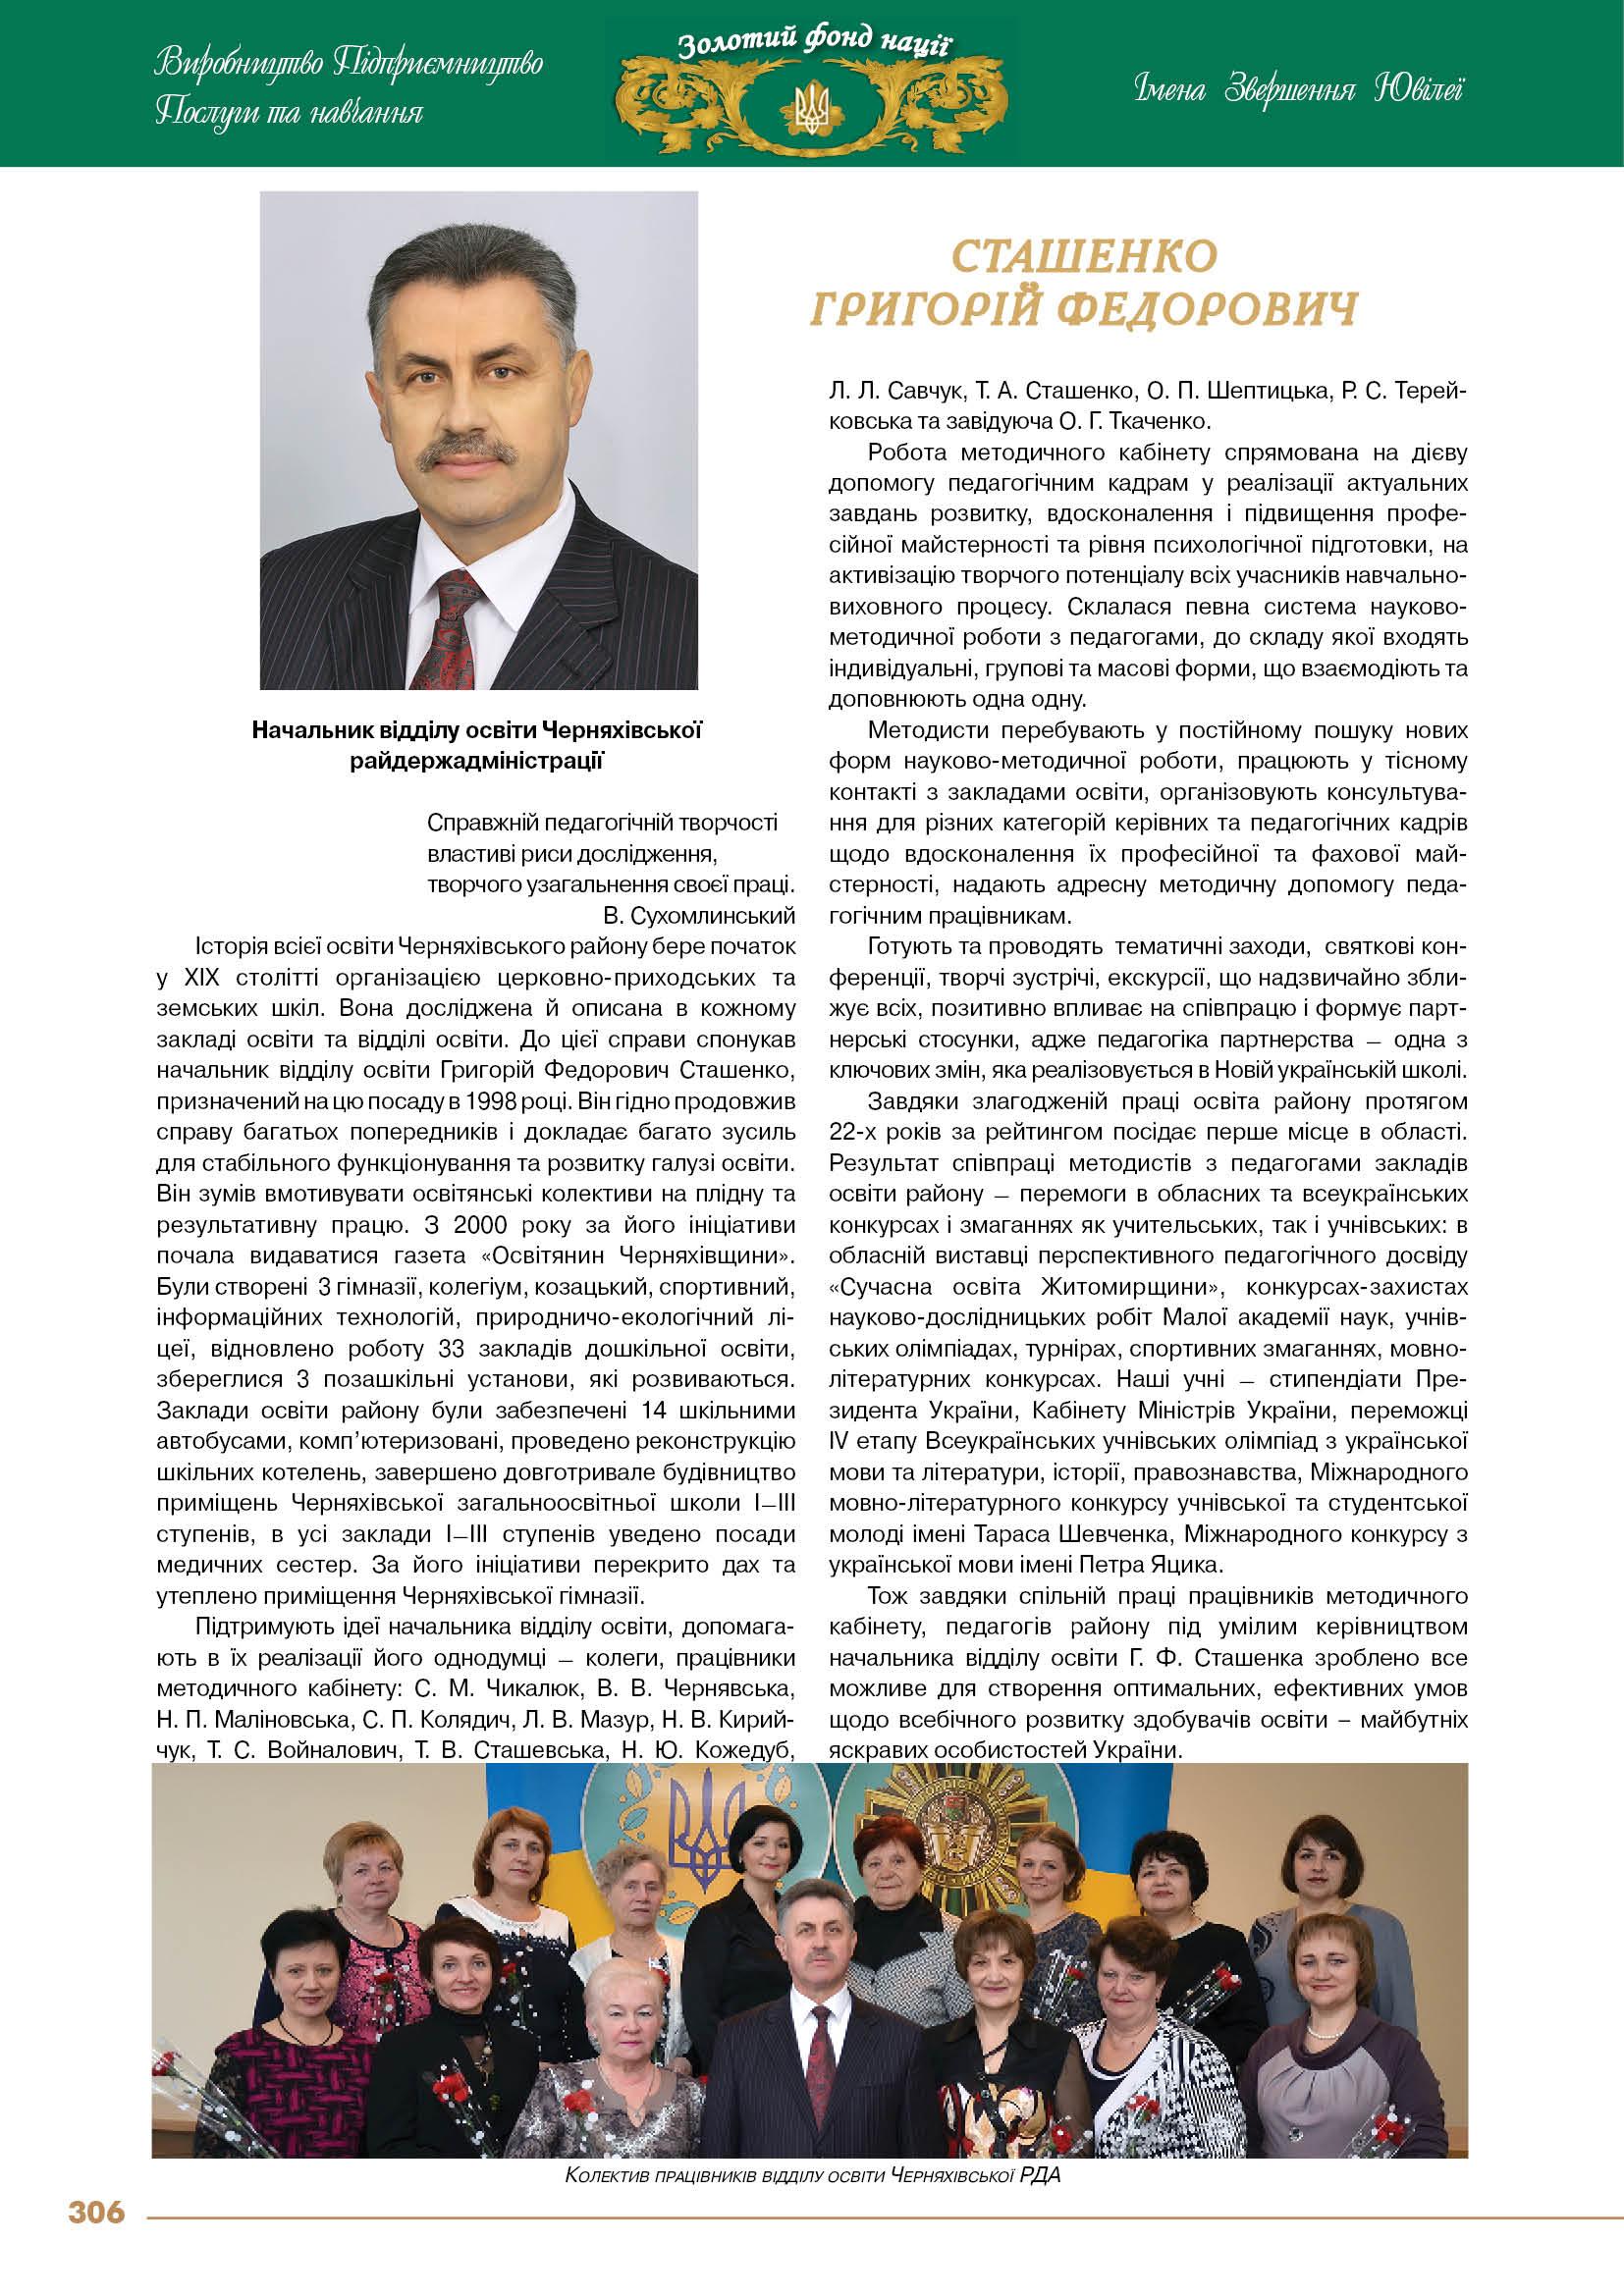 Сташенко Григорій федорович